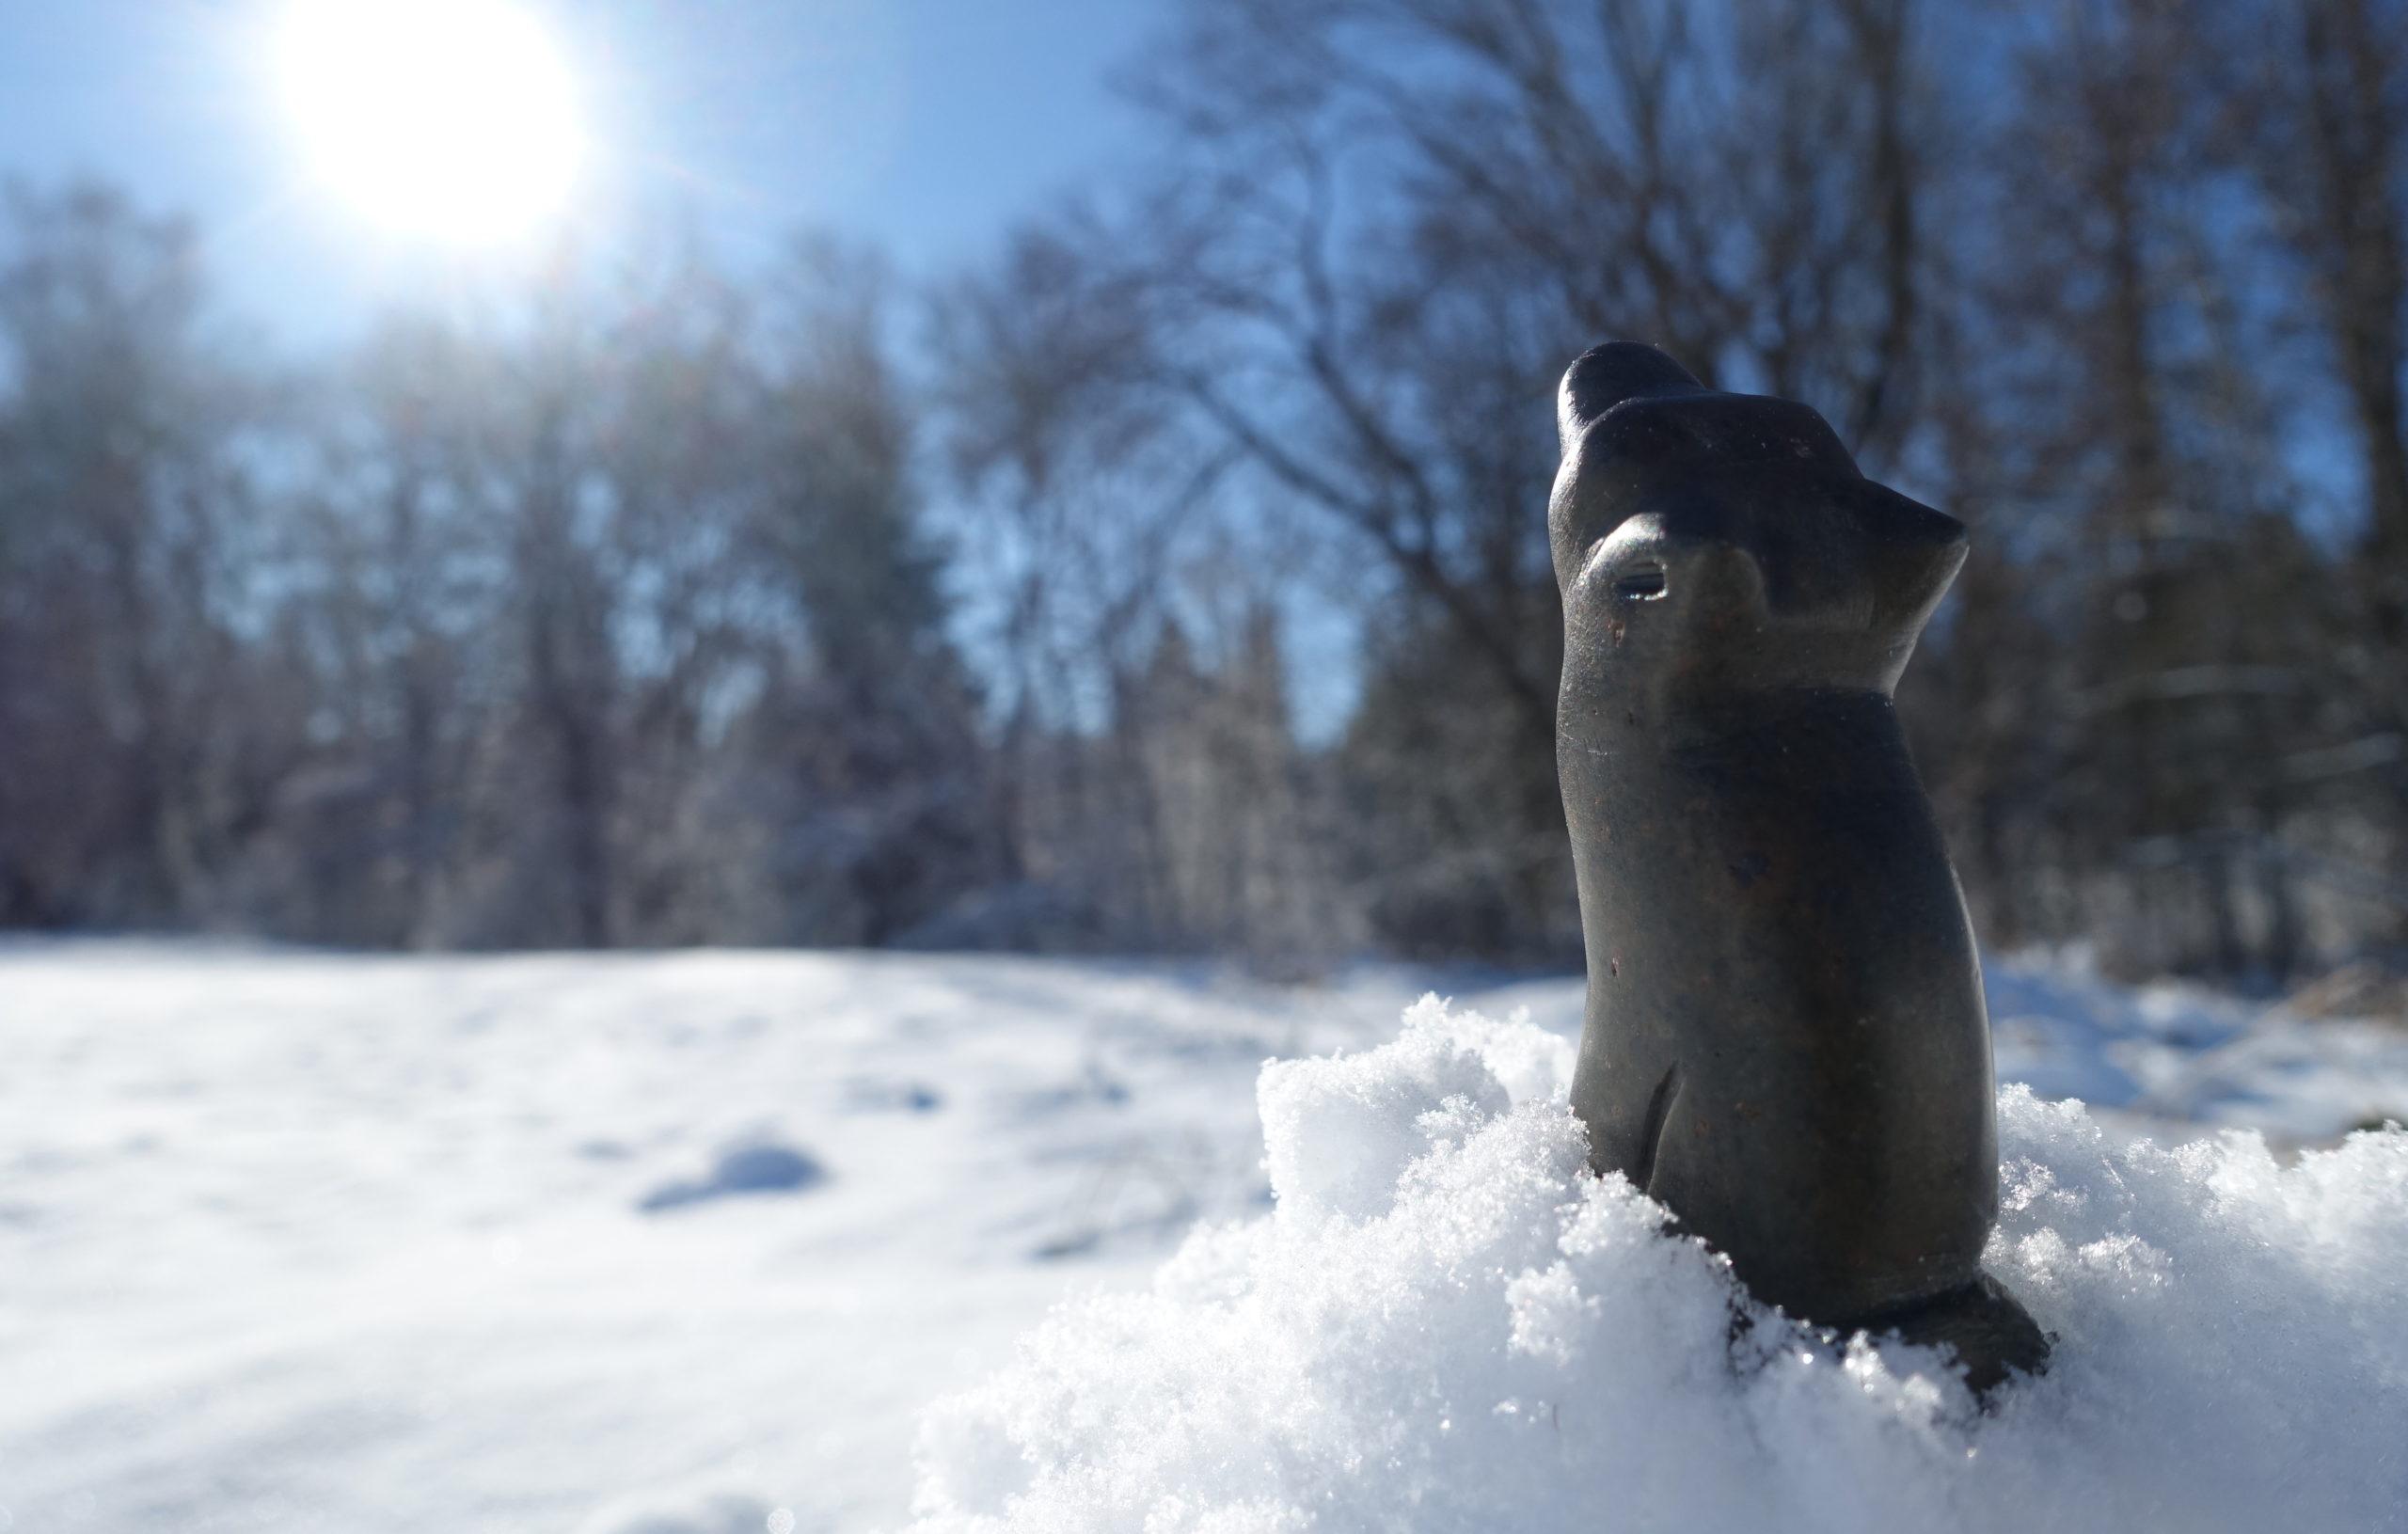 Un loup sculpté sur de la pierre à savon sur de la neige sous le soleil